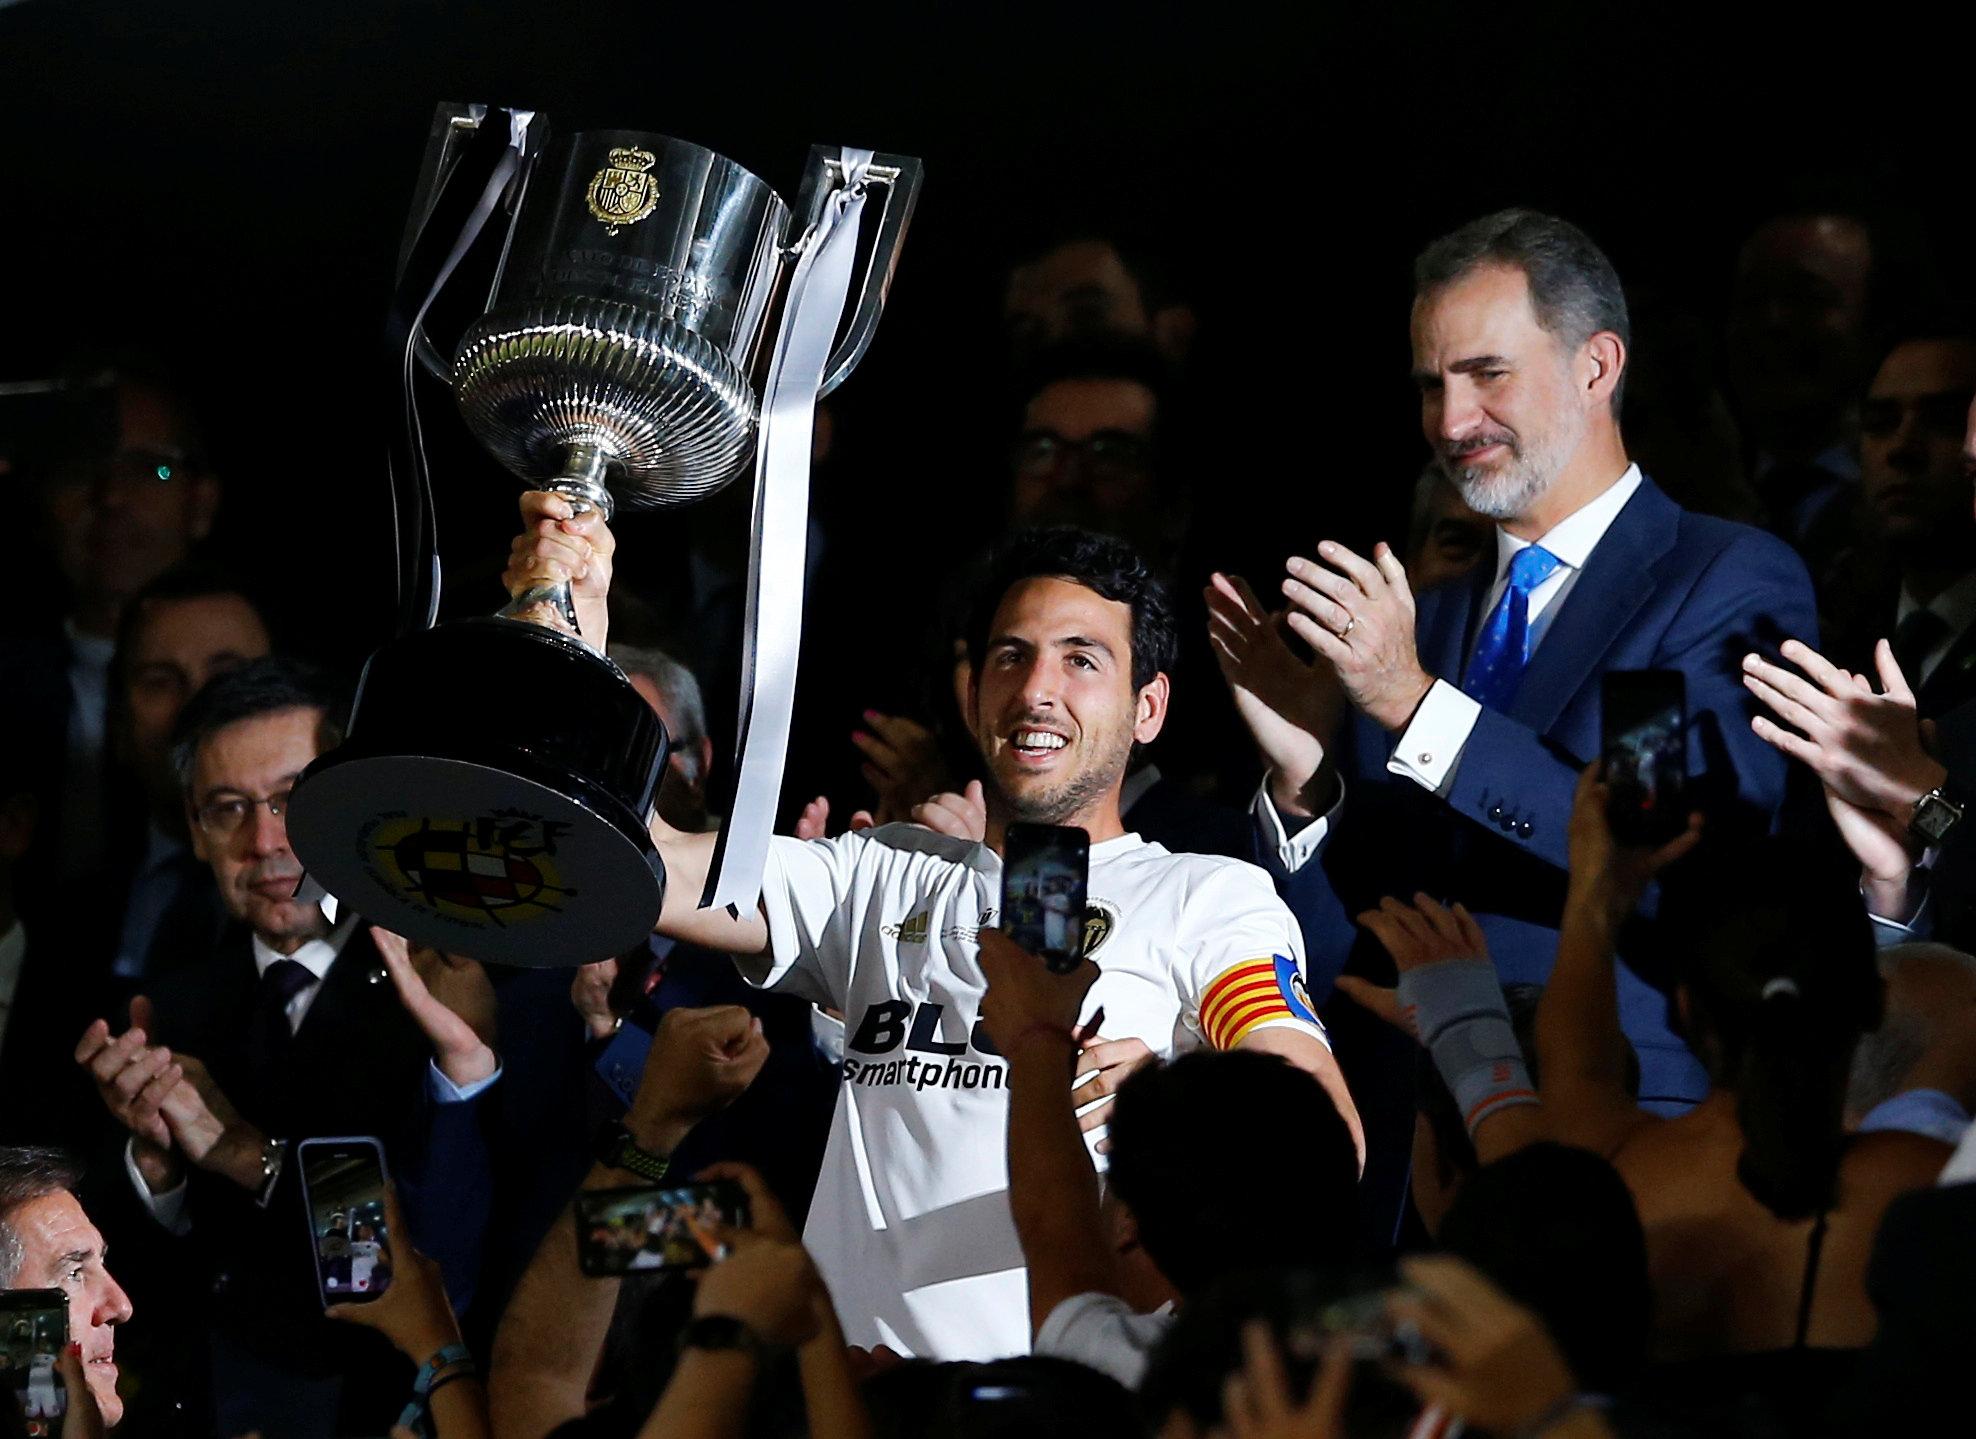 Copa del Rey Winners List - Past all time winners 1903-2019